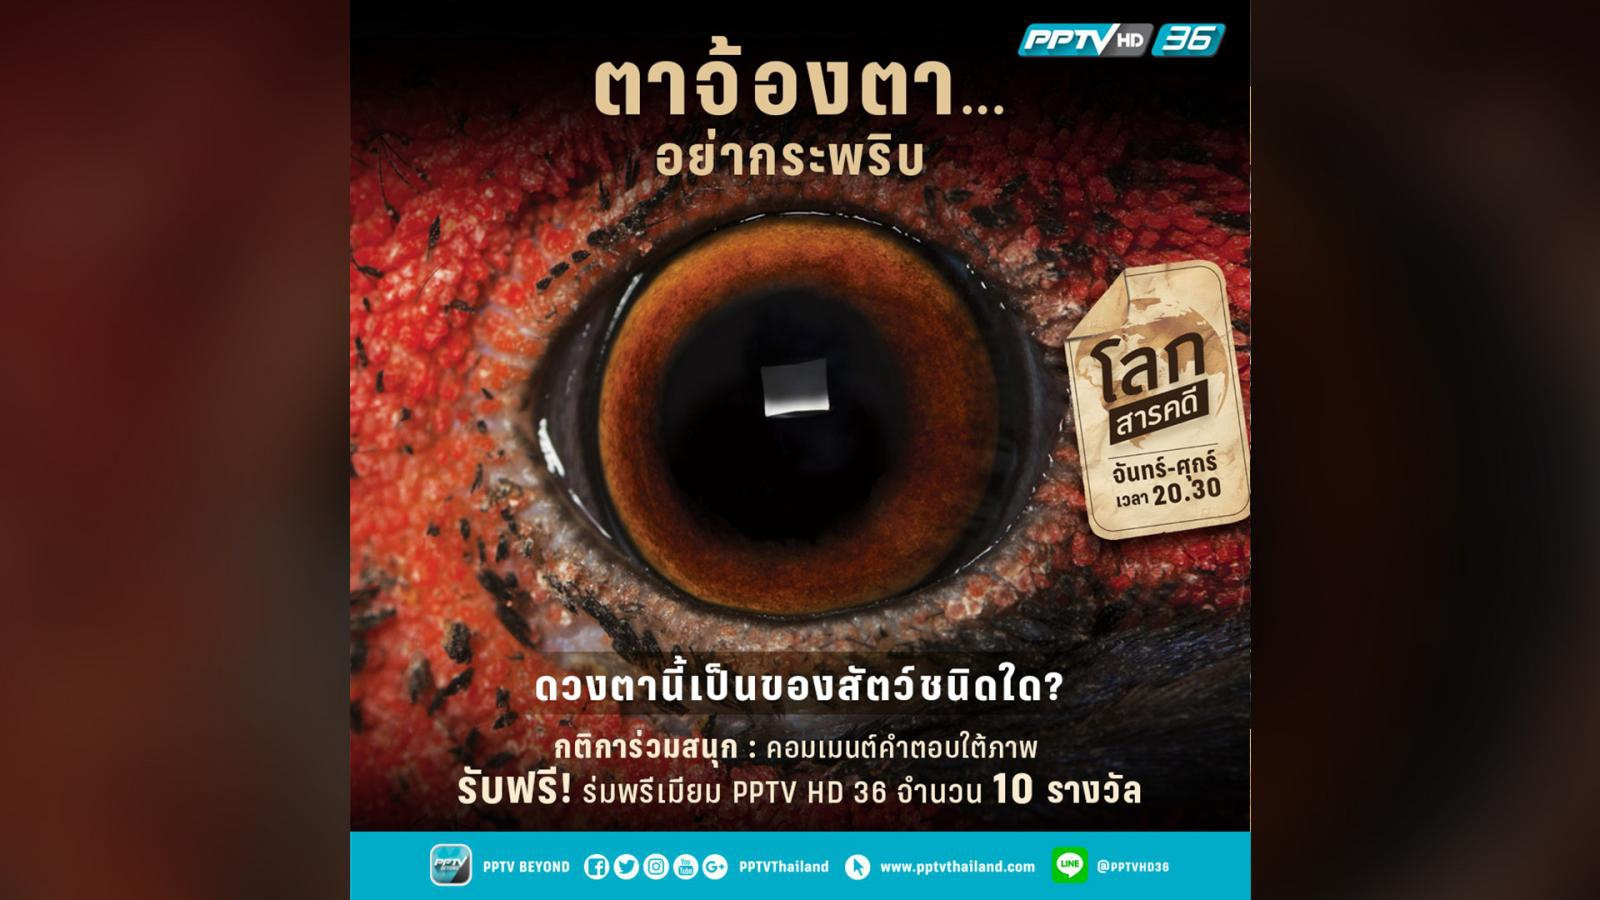 """เฉลยแล้ว!! ดวงตาของสัตว์ที่มีสีสันงามจับตา จะงอยปากและขาแข็งแรง คือ """"ไก่ฟ้า"""""""